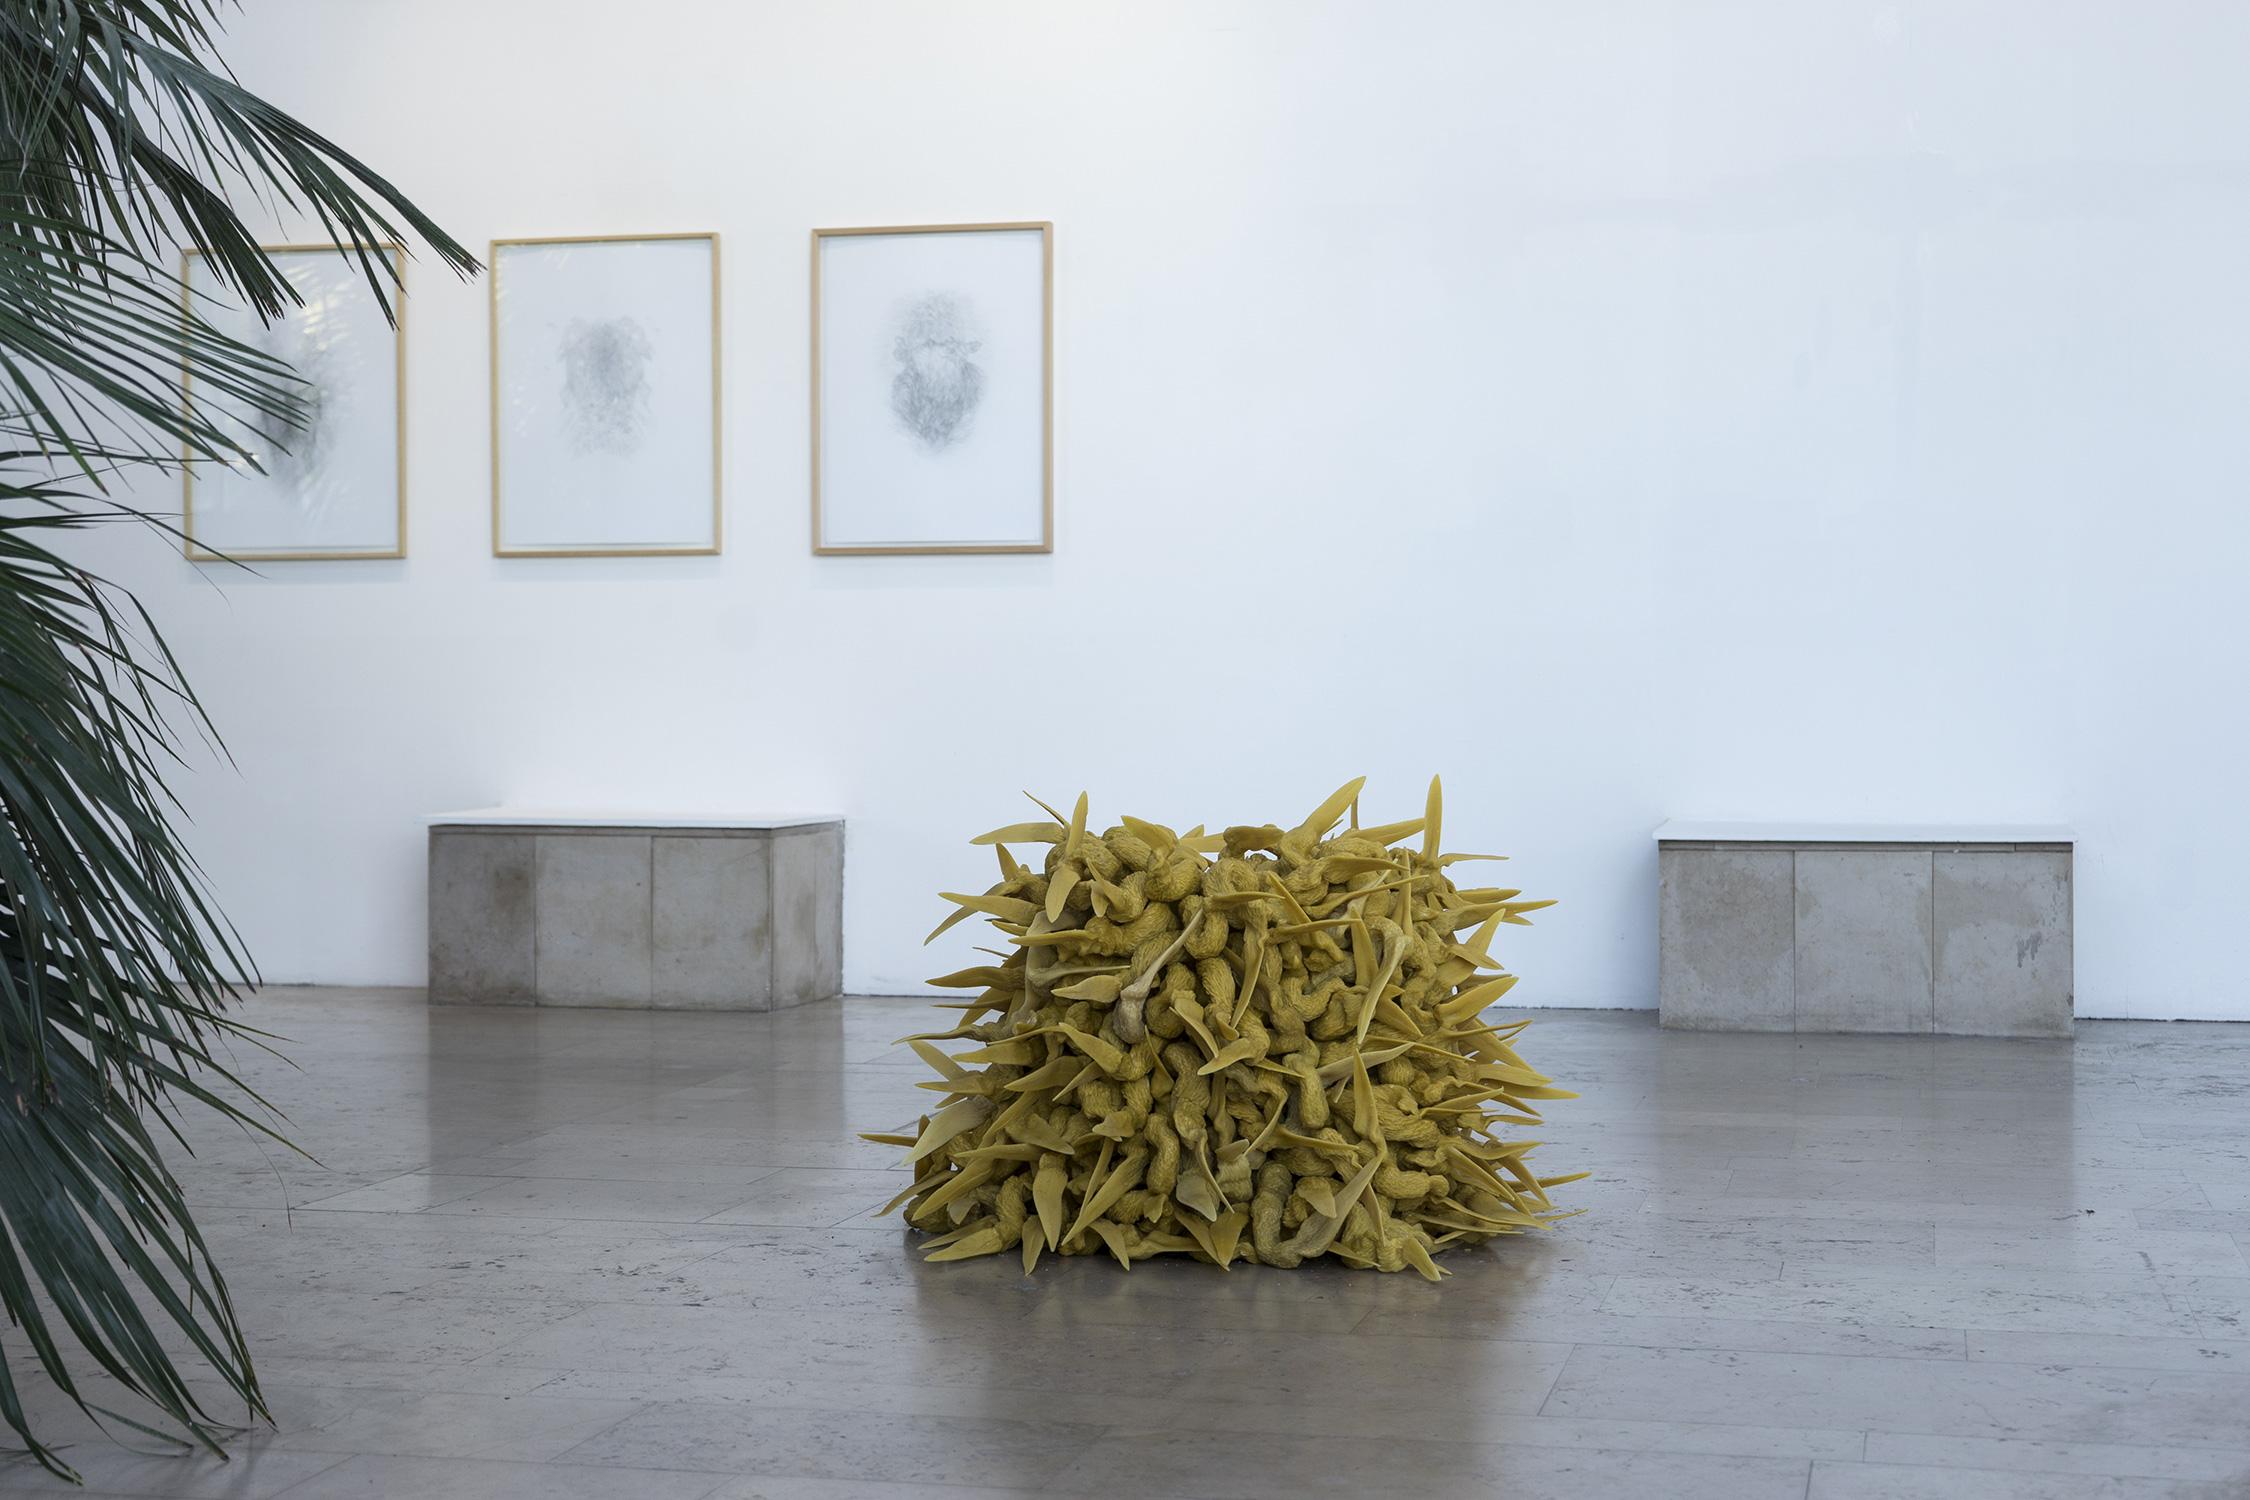 <i>la chambre</i>, 2018, sculpture/installation, moulage et sculpture en cire d'abeille naturelle, 60x100x100cm